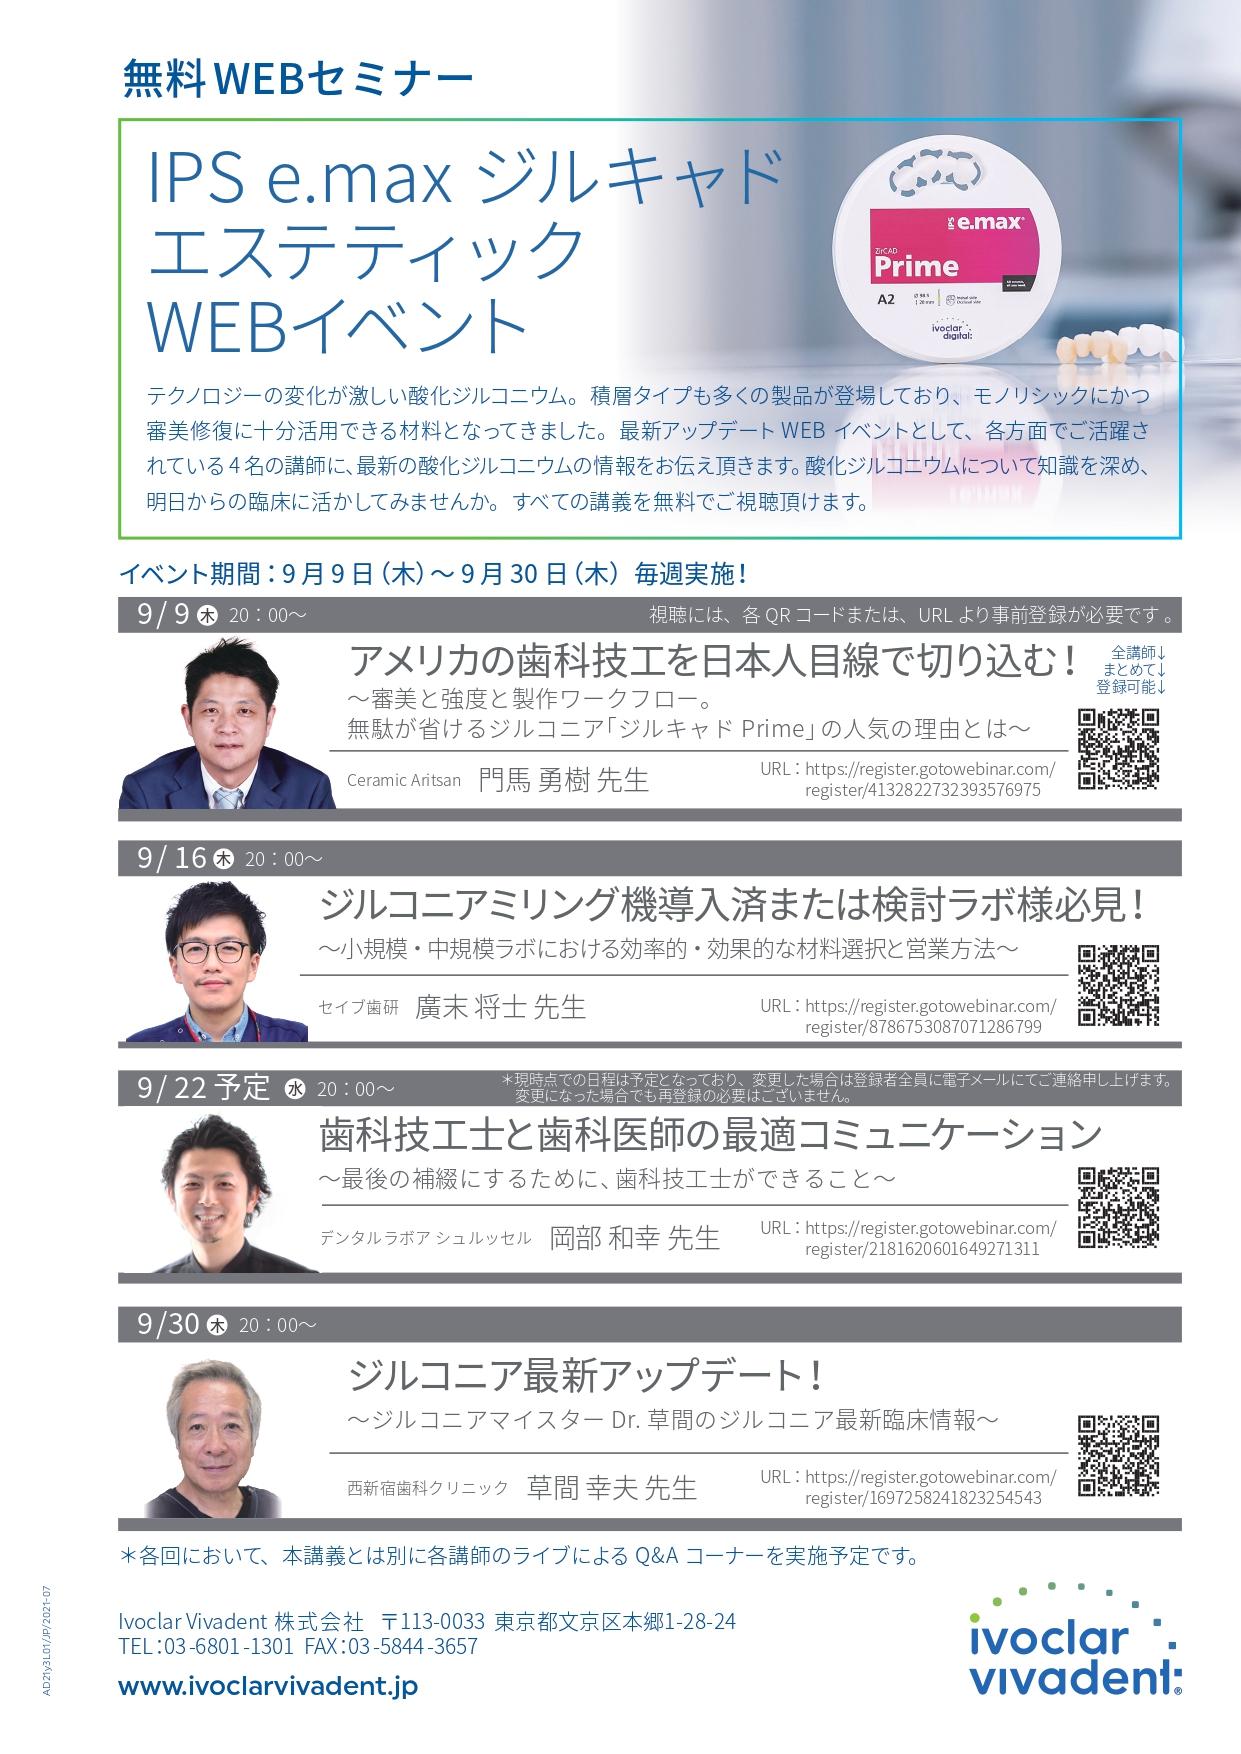 ジルキャドmax.e IPS エステティックWEBイベント〜ジルコニアミリング機導入済または検討ラボ様必見!〜